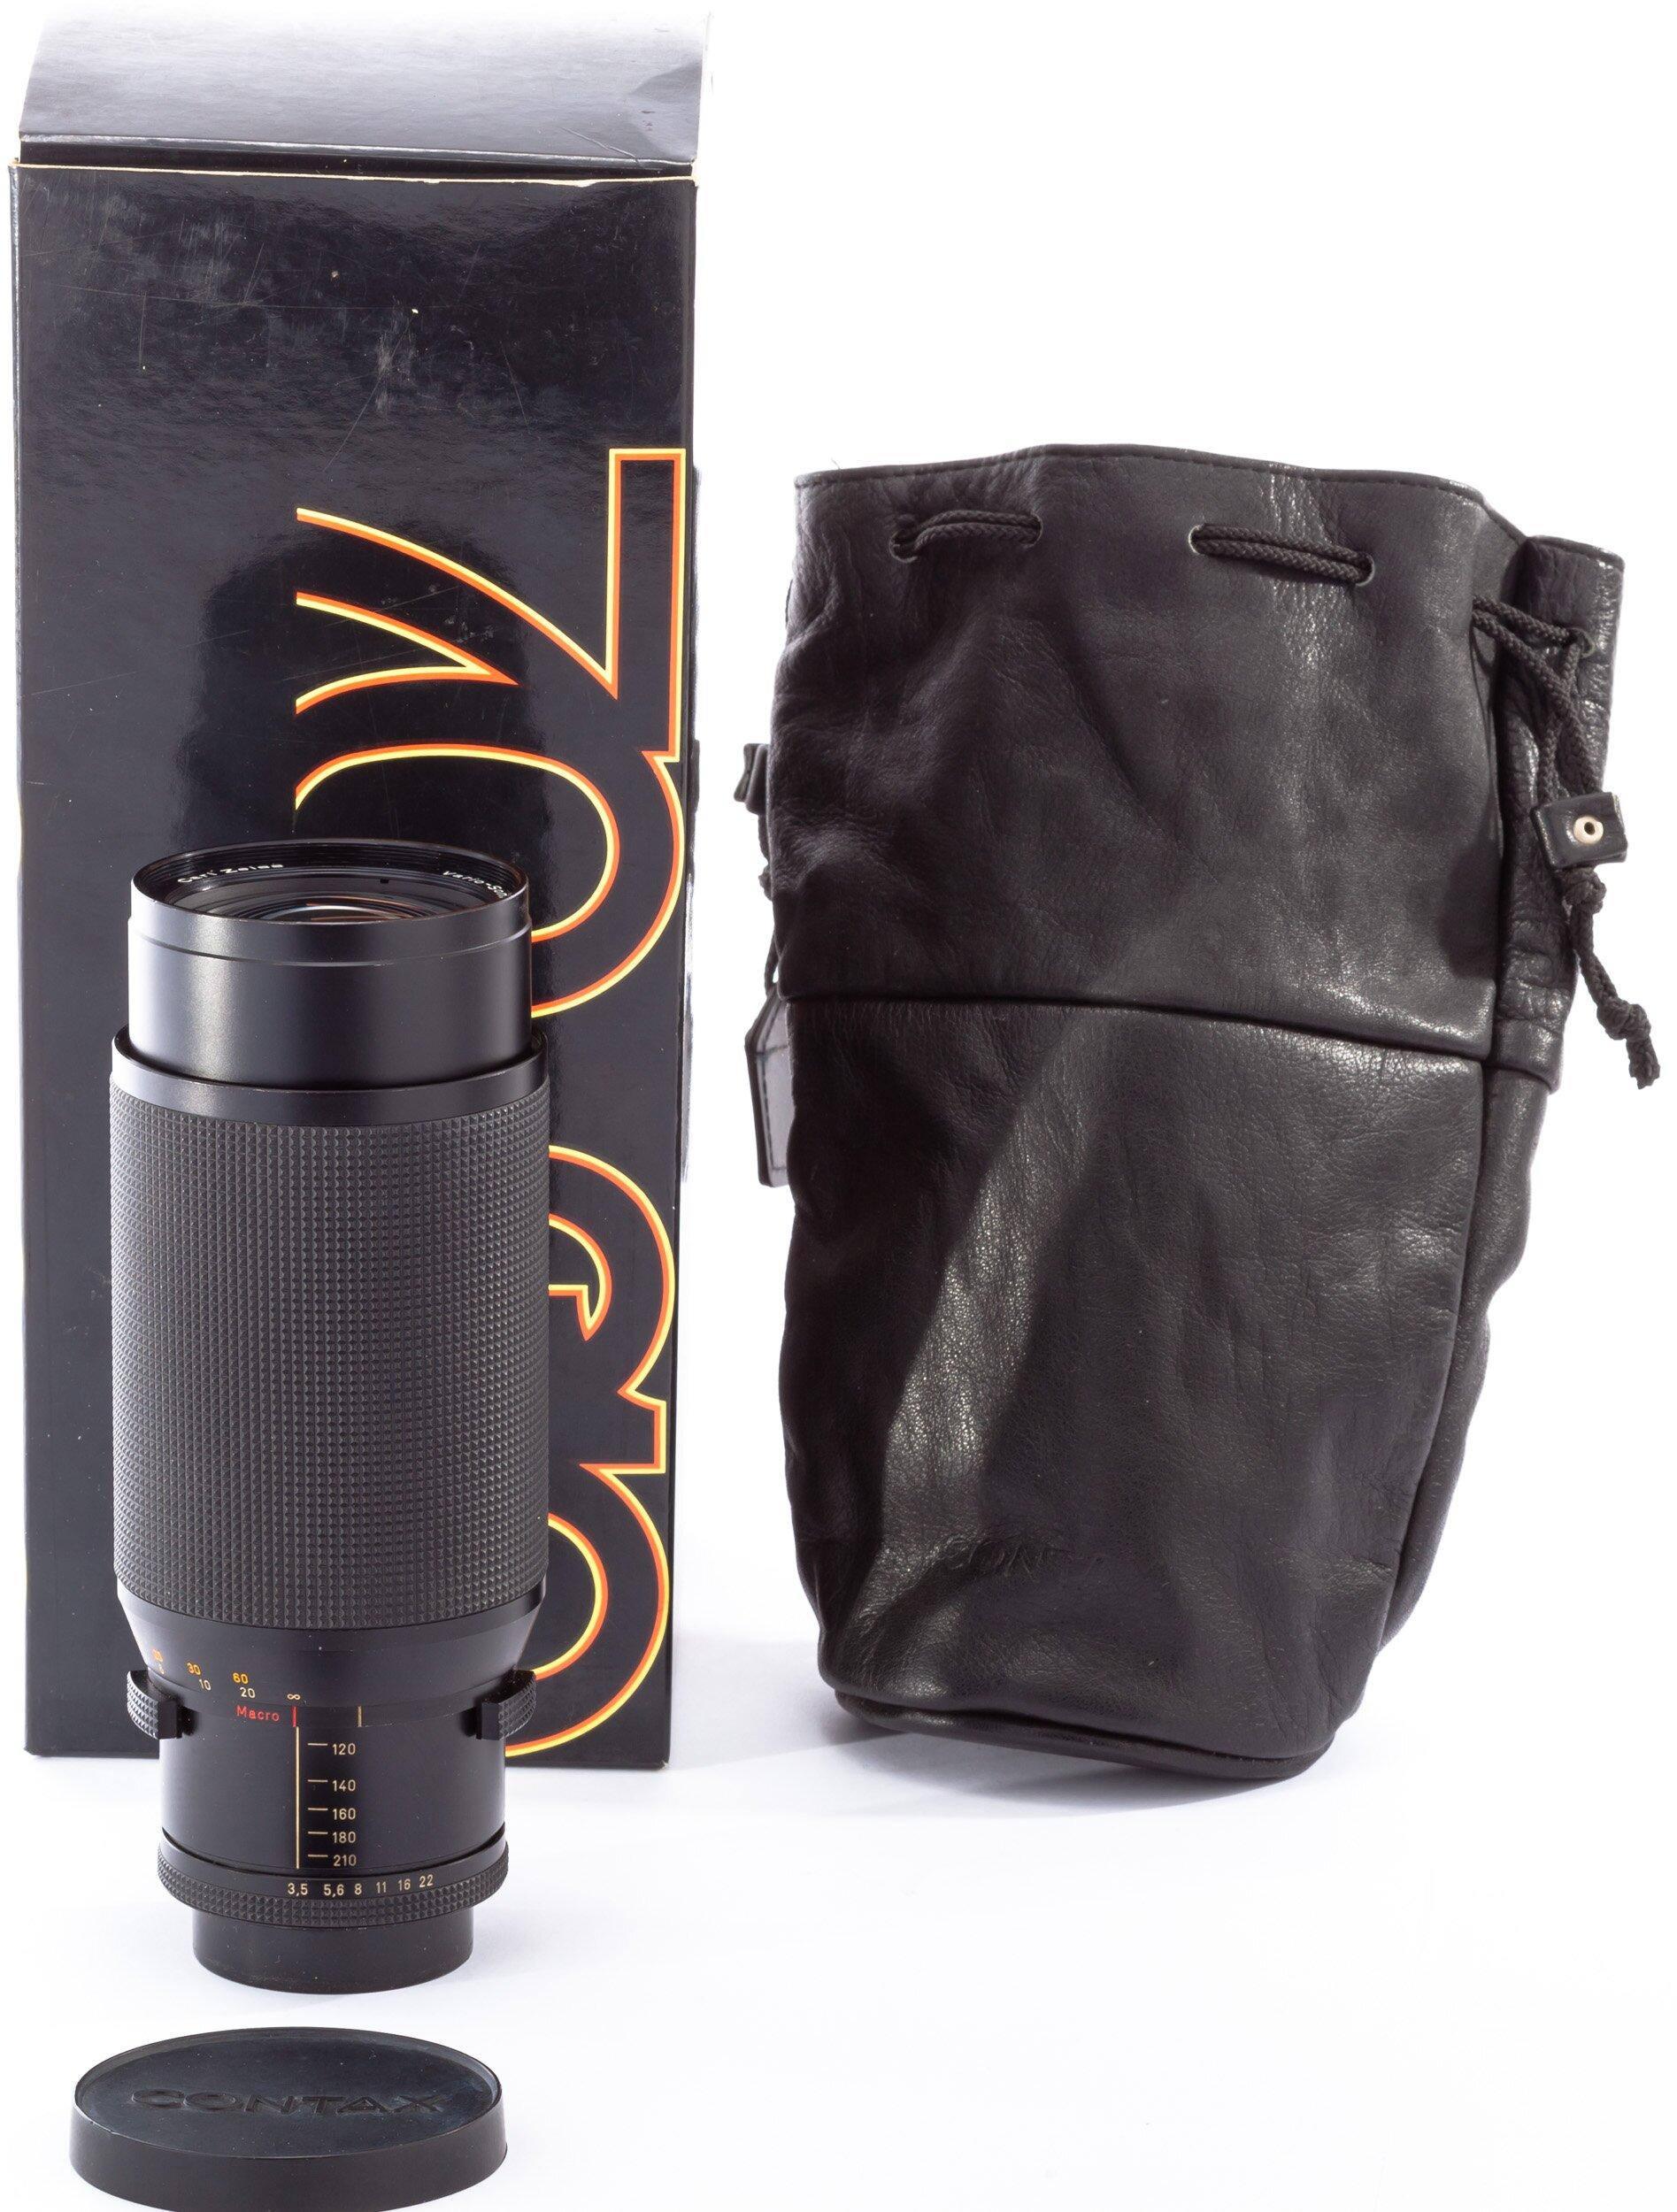 Carl Zeiss f. Contax RTS 70-210mm 3,5 T* Vario-Sonnar AEG